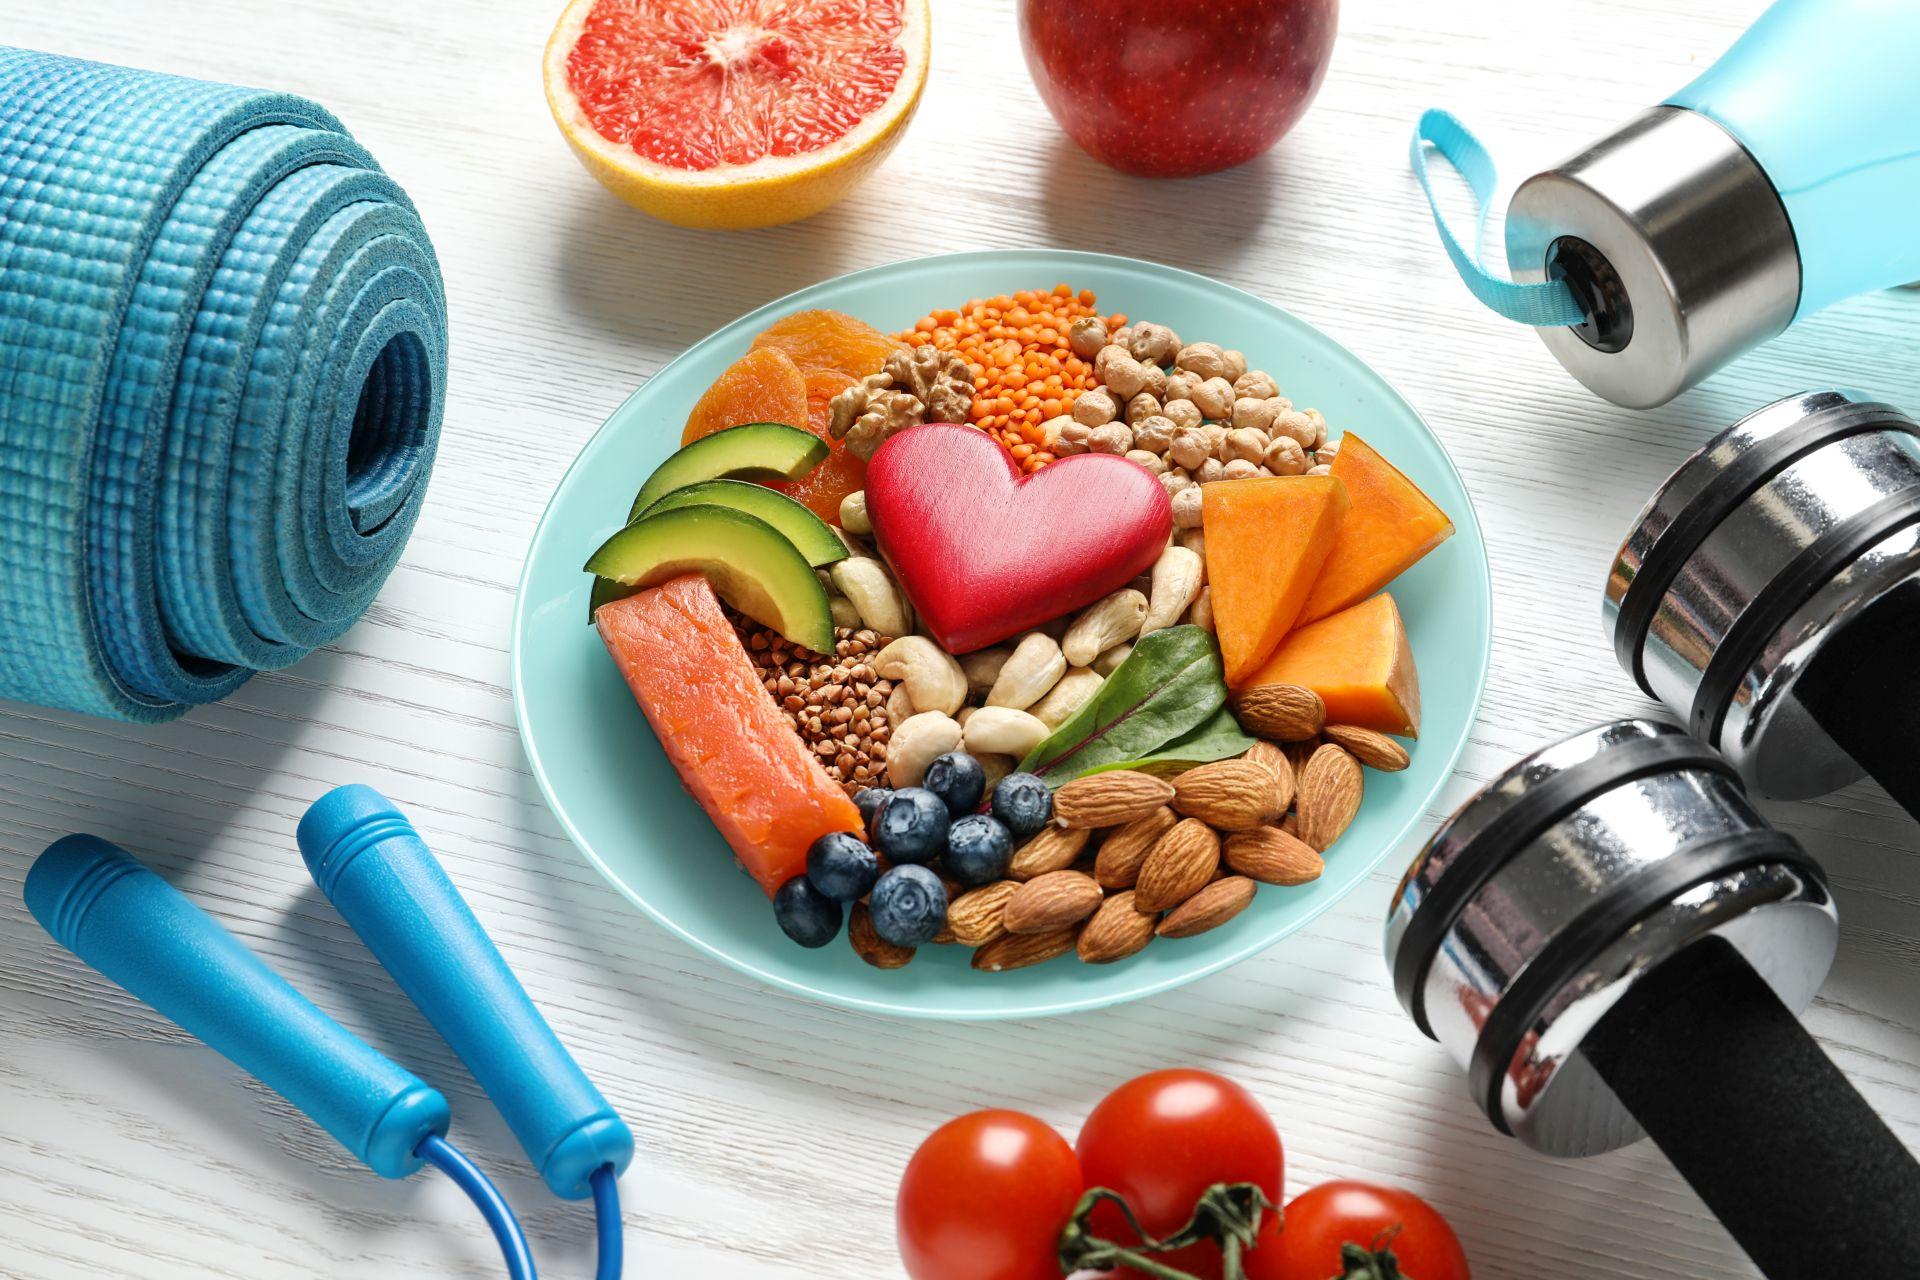 Ćwiczenia dla początkujących bez kondycji połącz ze zbilansowaną dietą bogatą w składniki odżywcze wspierające kości i stawy oraz wzmacniające odporność - witaminę K i D, a także obniżające cholesterol - sterole roślinne.